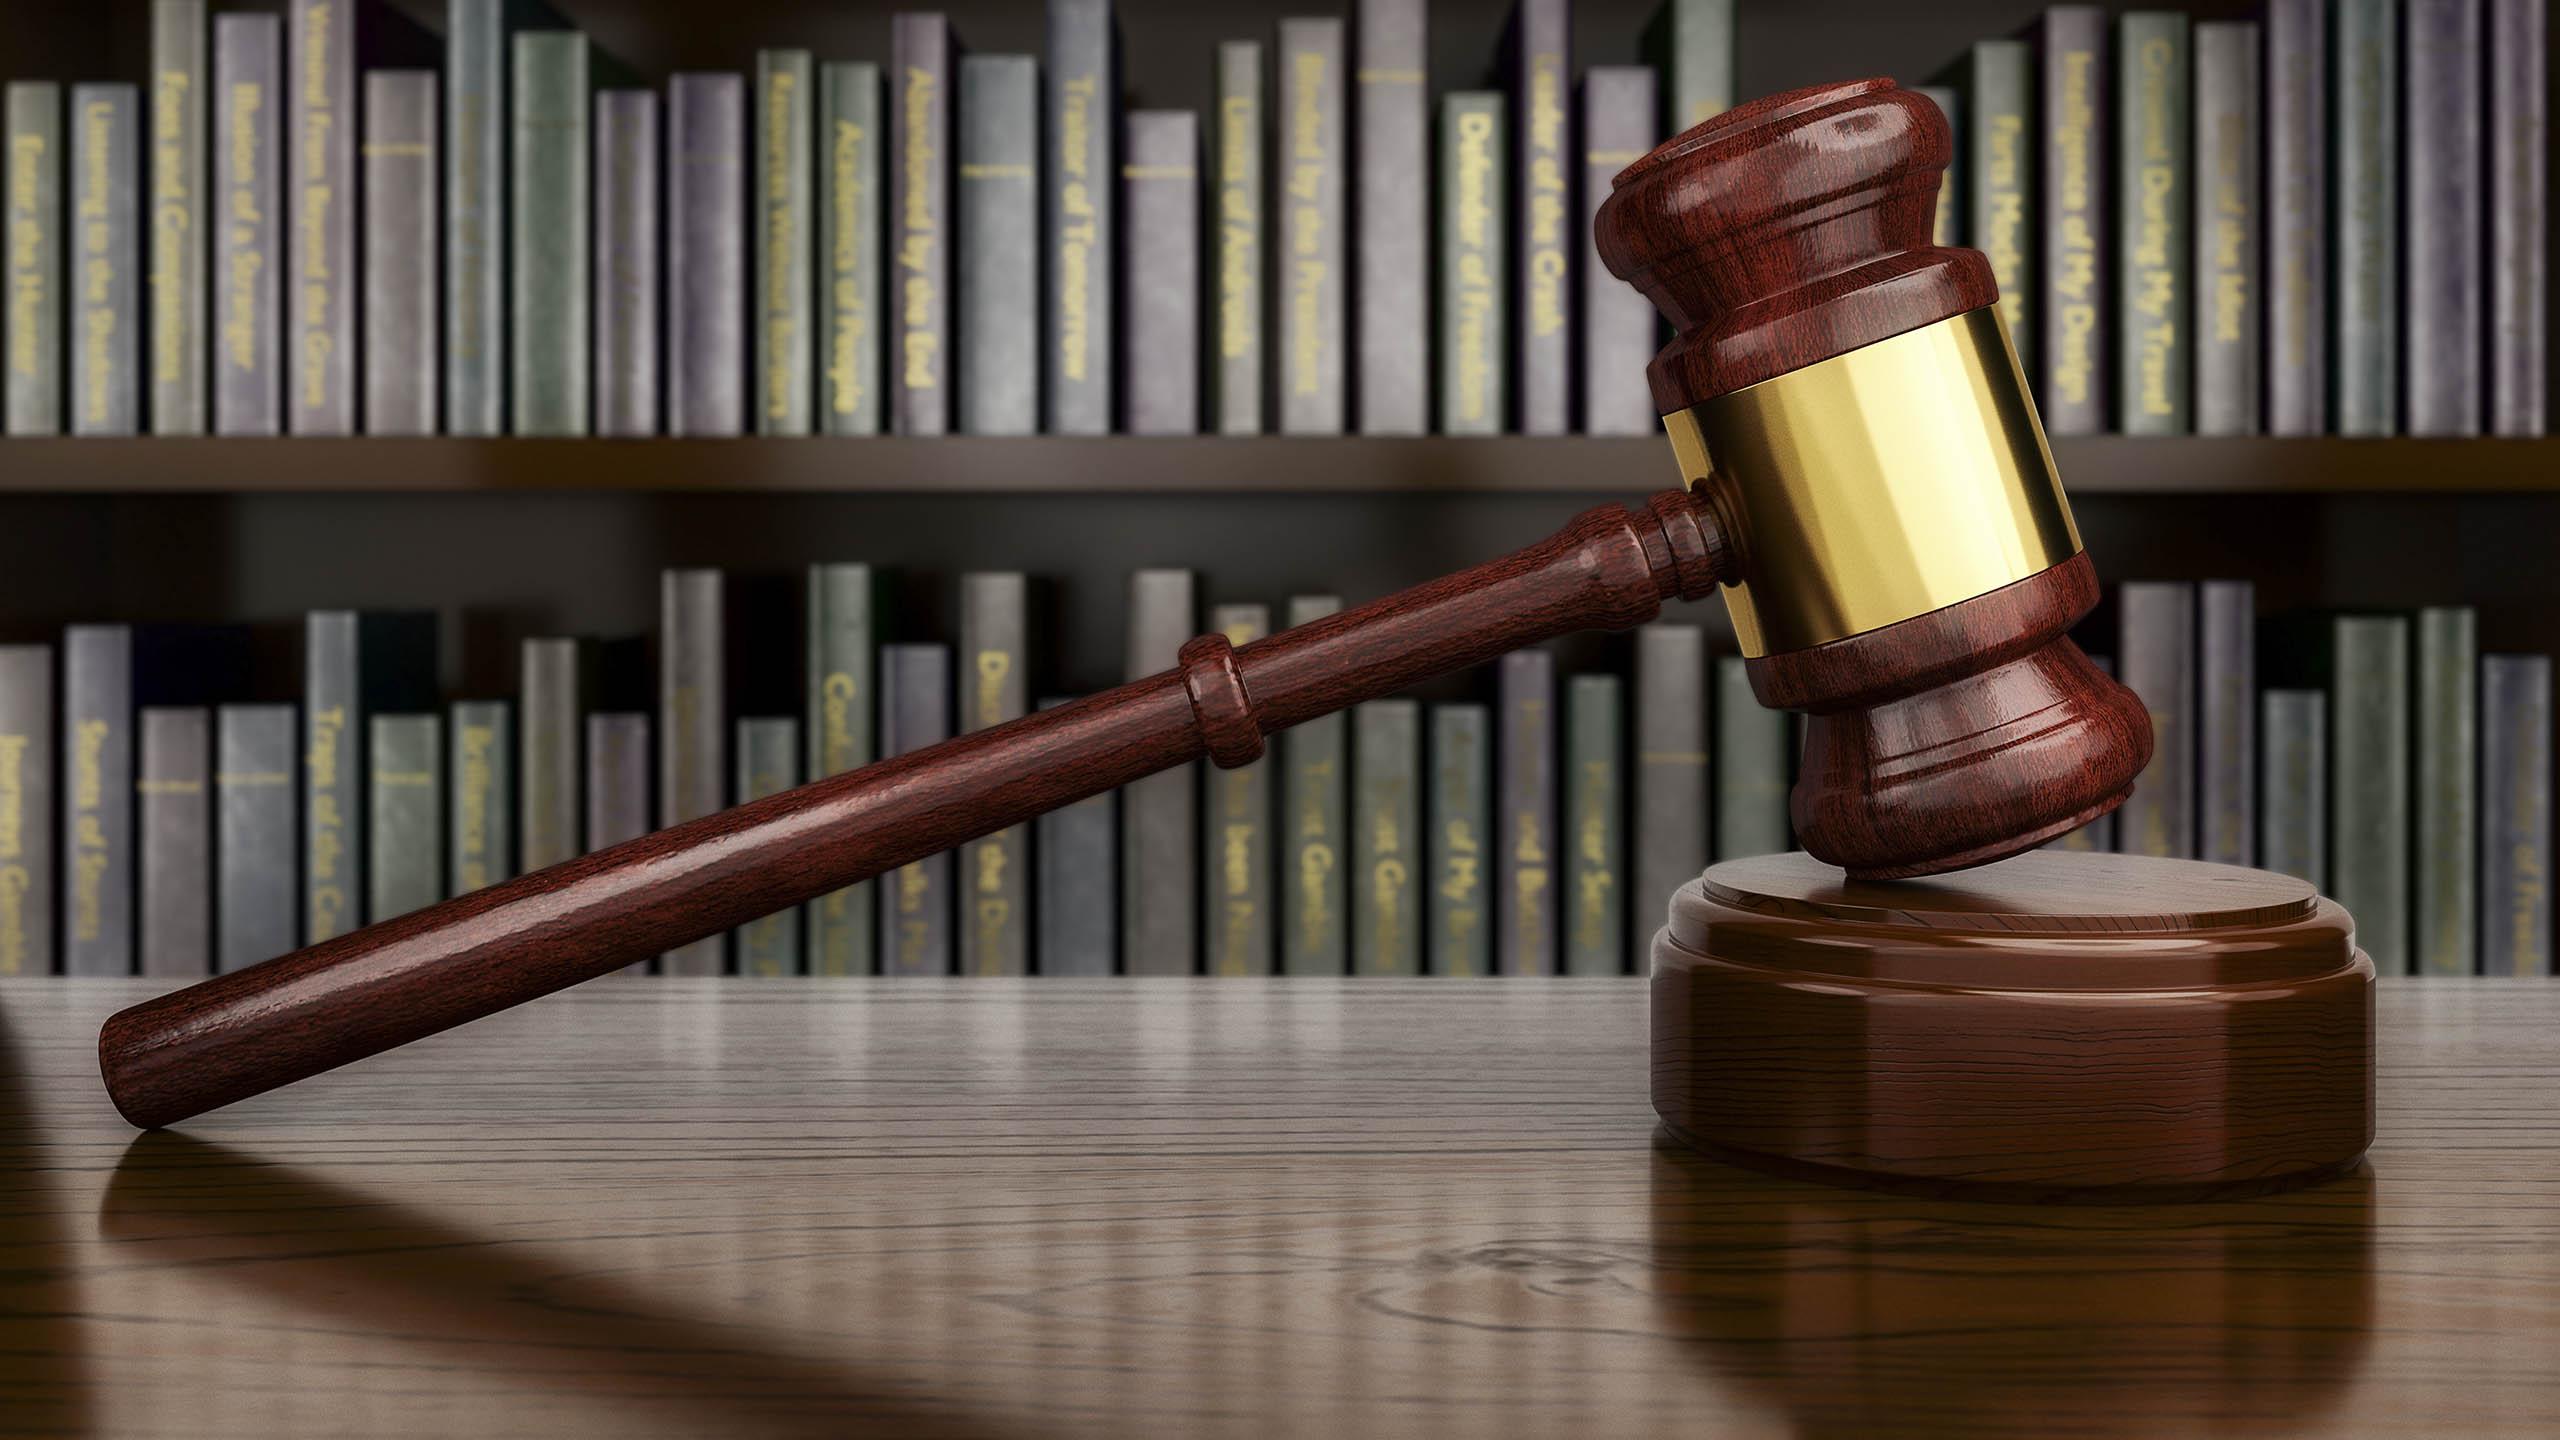 Vereniging echtscheidingsadvocaten ondersteunt rapport Rouvoet